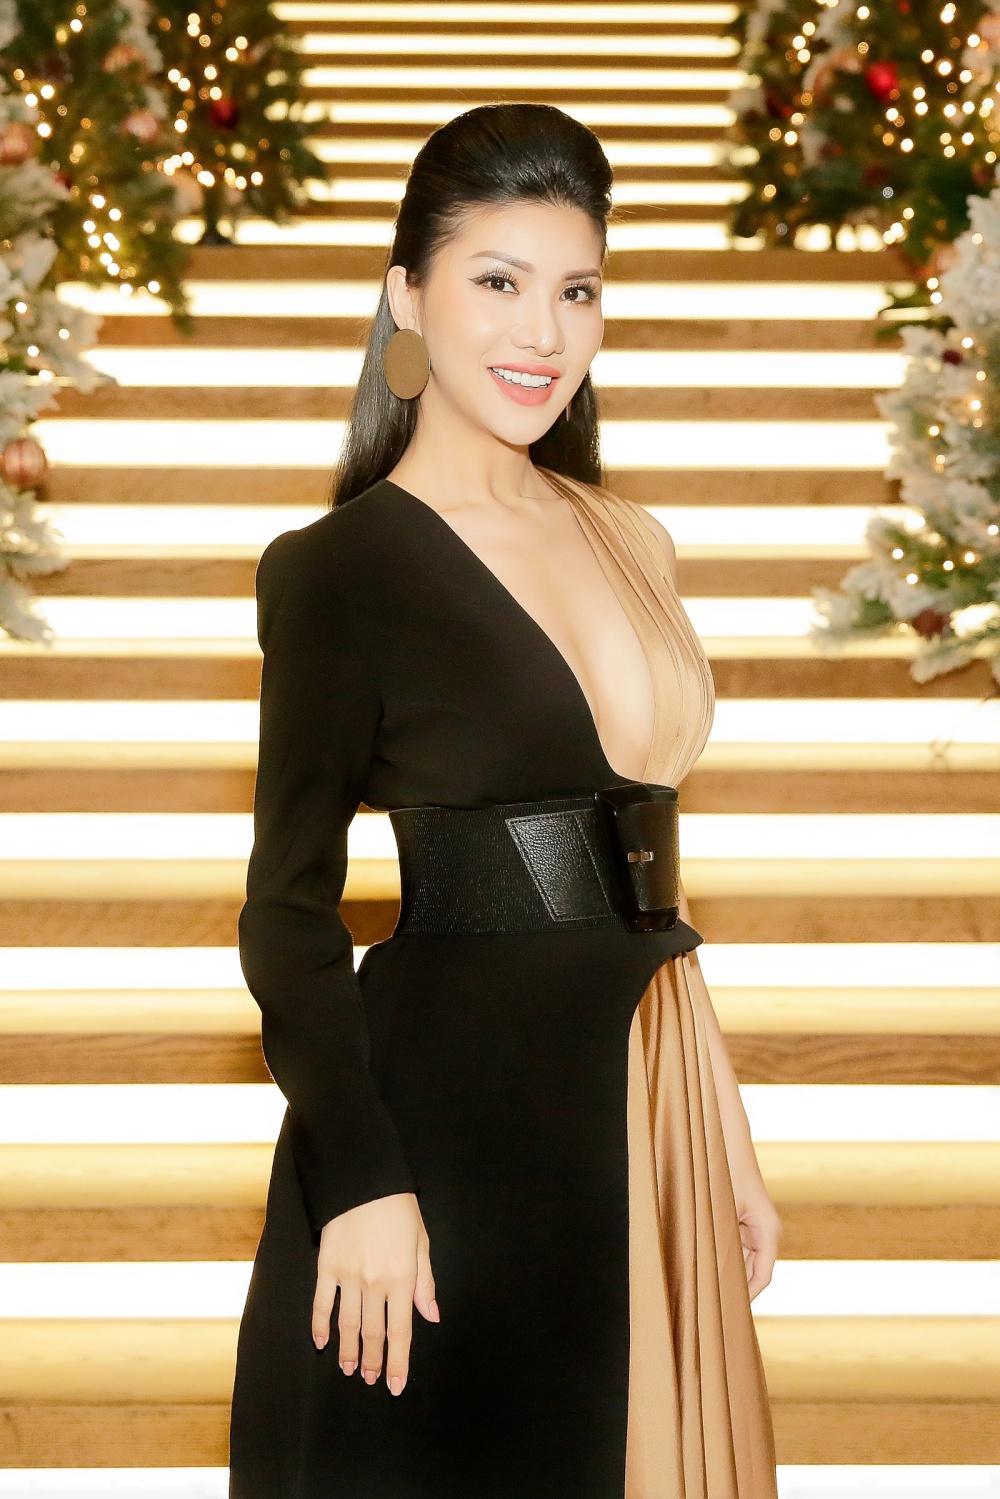 Mê mẩn trước vẻ đẹp không góc chết của Hoa hậu hàng không Loan Vương  2